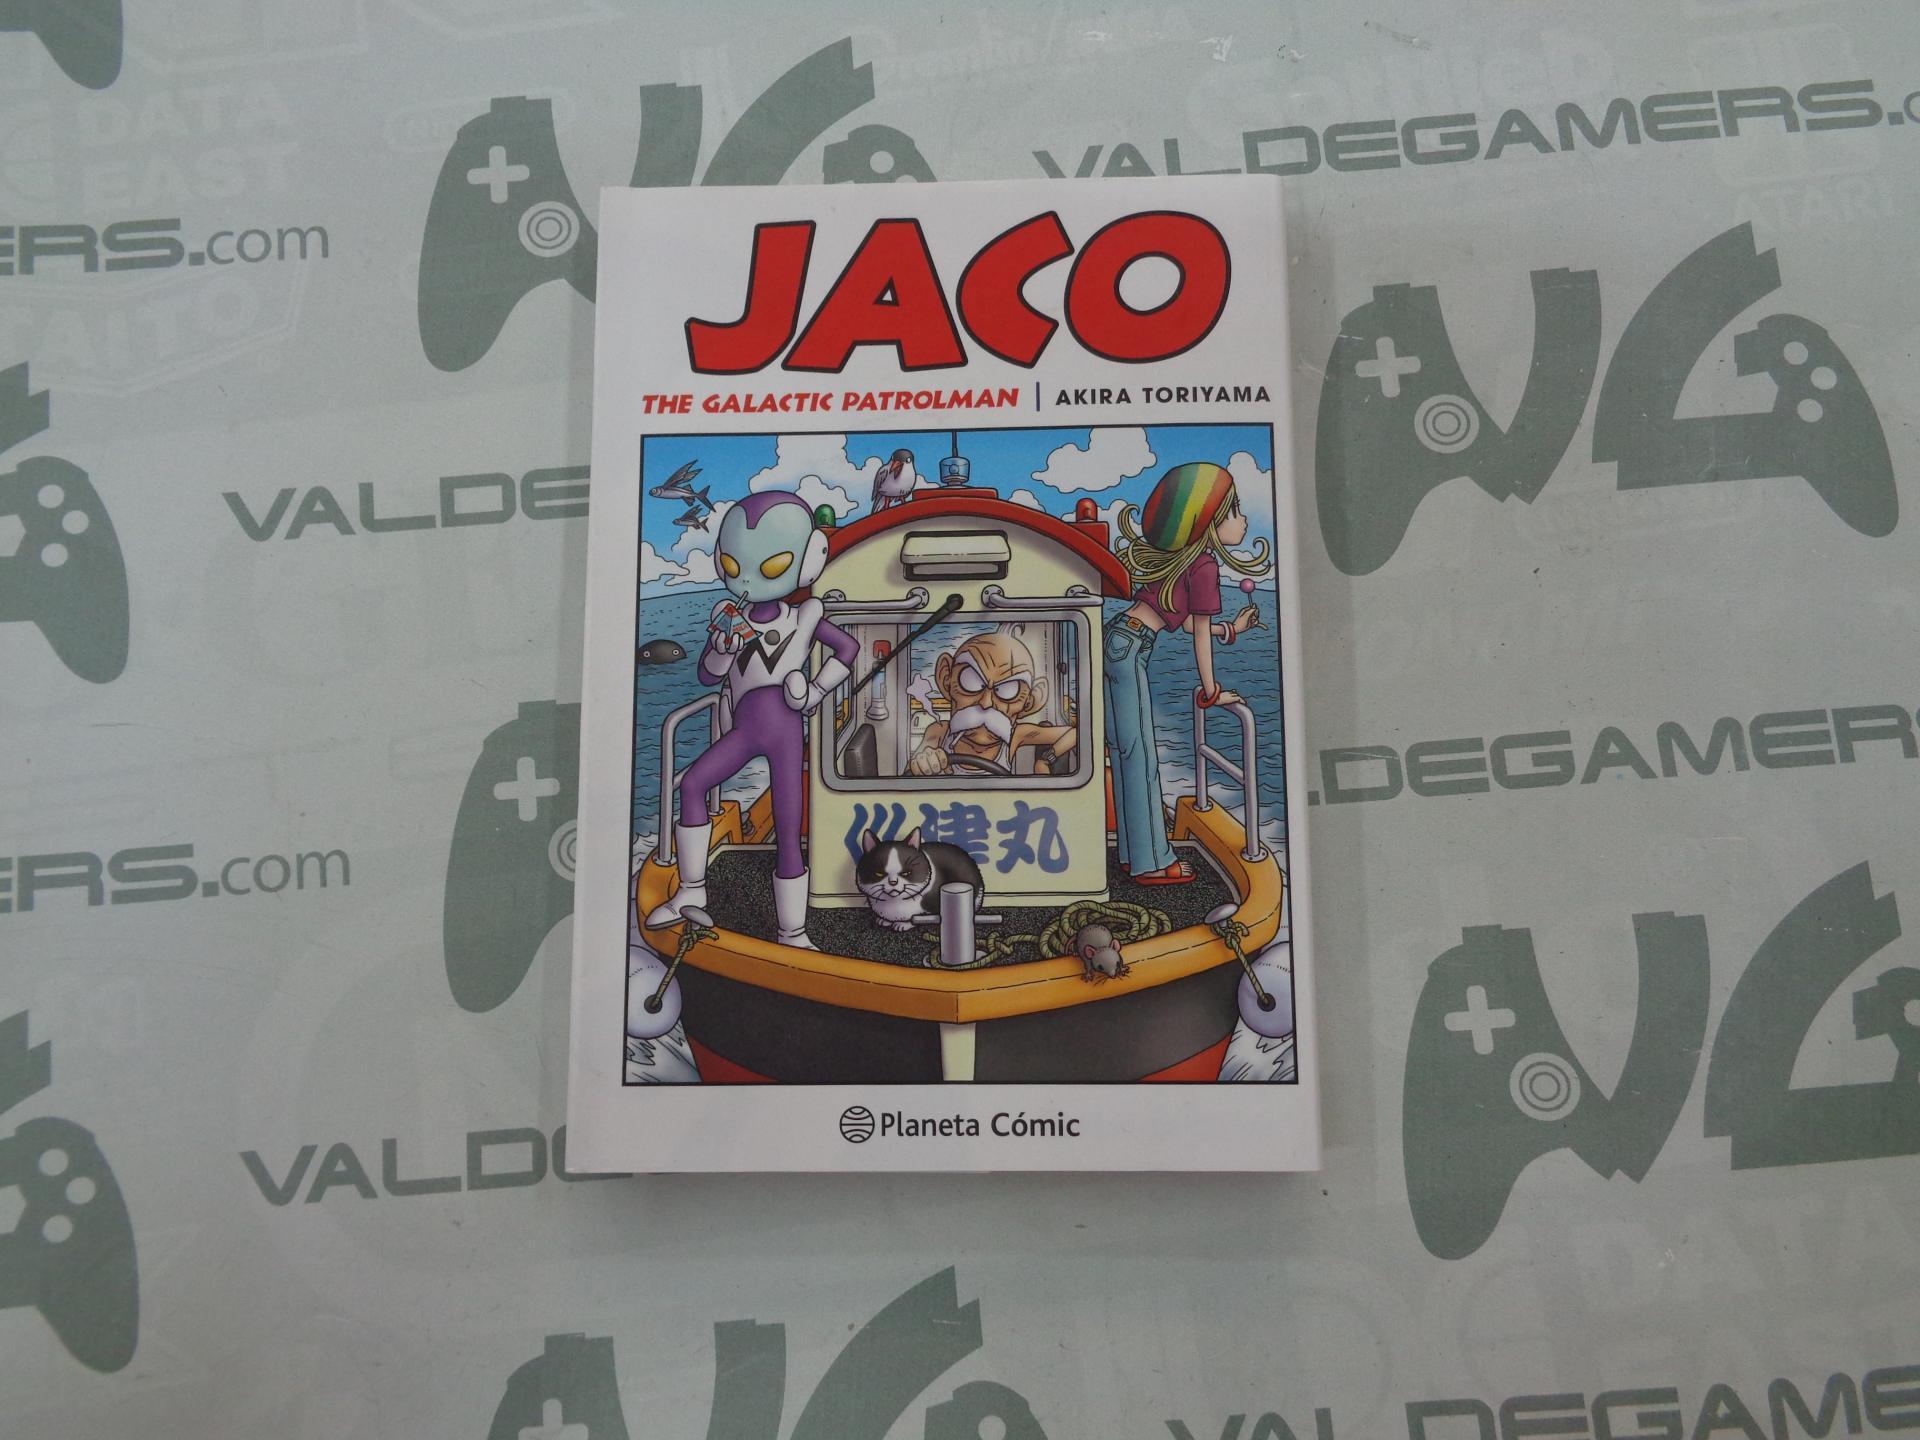 Jaco - MANGA